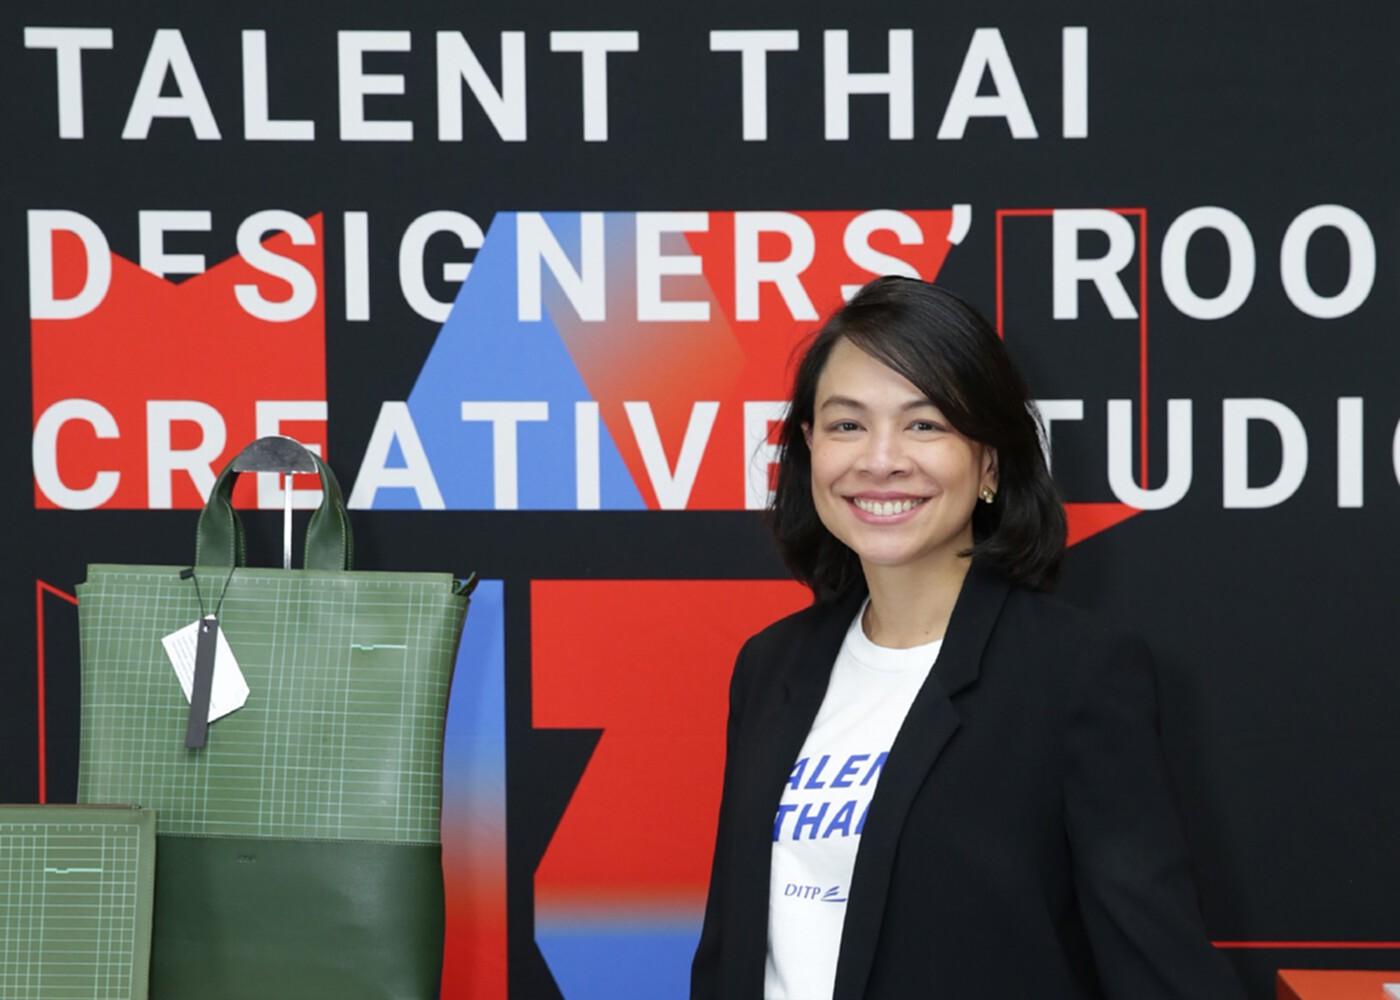 DITP มุ่งขับเคลื่อนโครงการส่งเสริมนักออกแบบไทยสู่ตลาดโลก นำทัพแบรนด์ไทยบุกปารีส